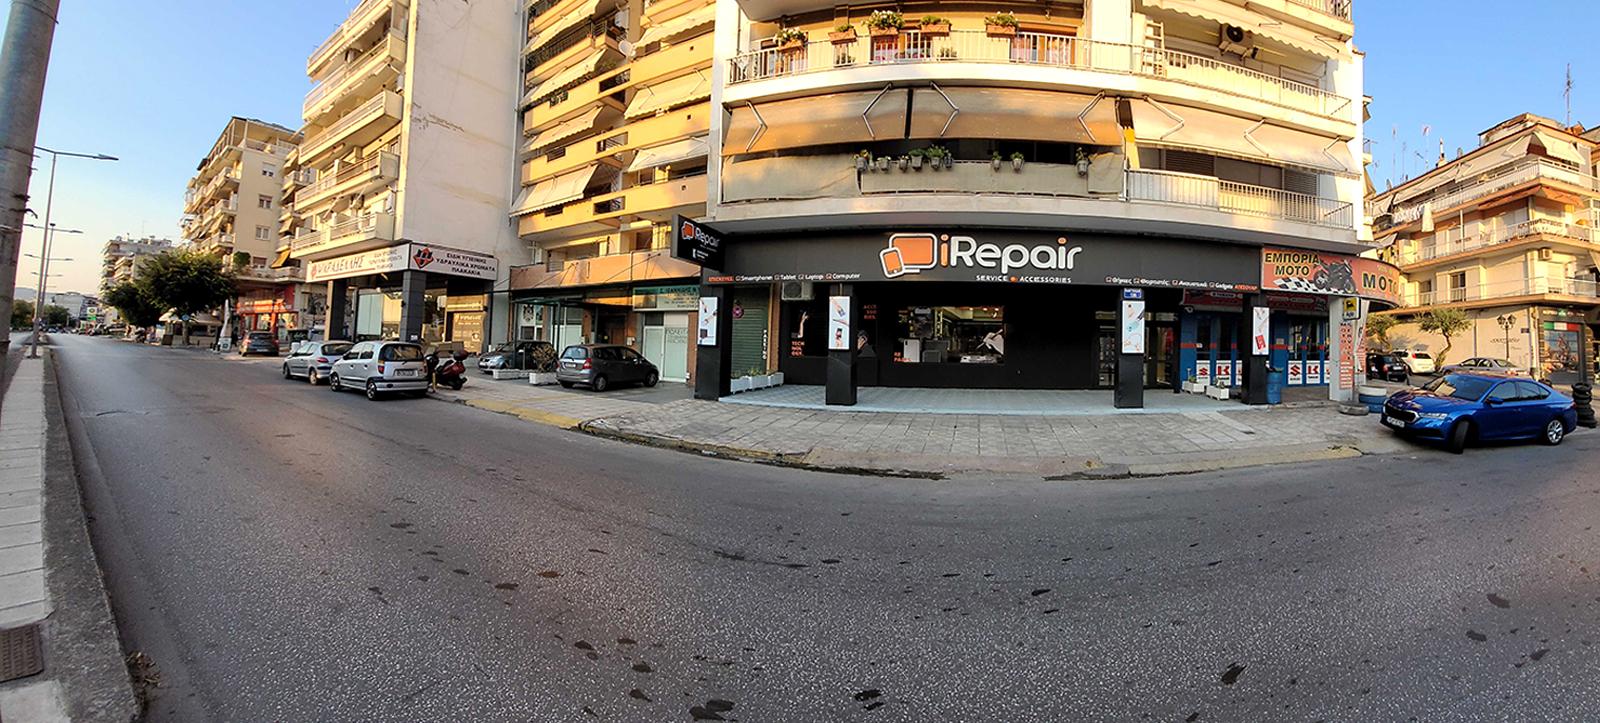 iRepair Neapoli